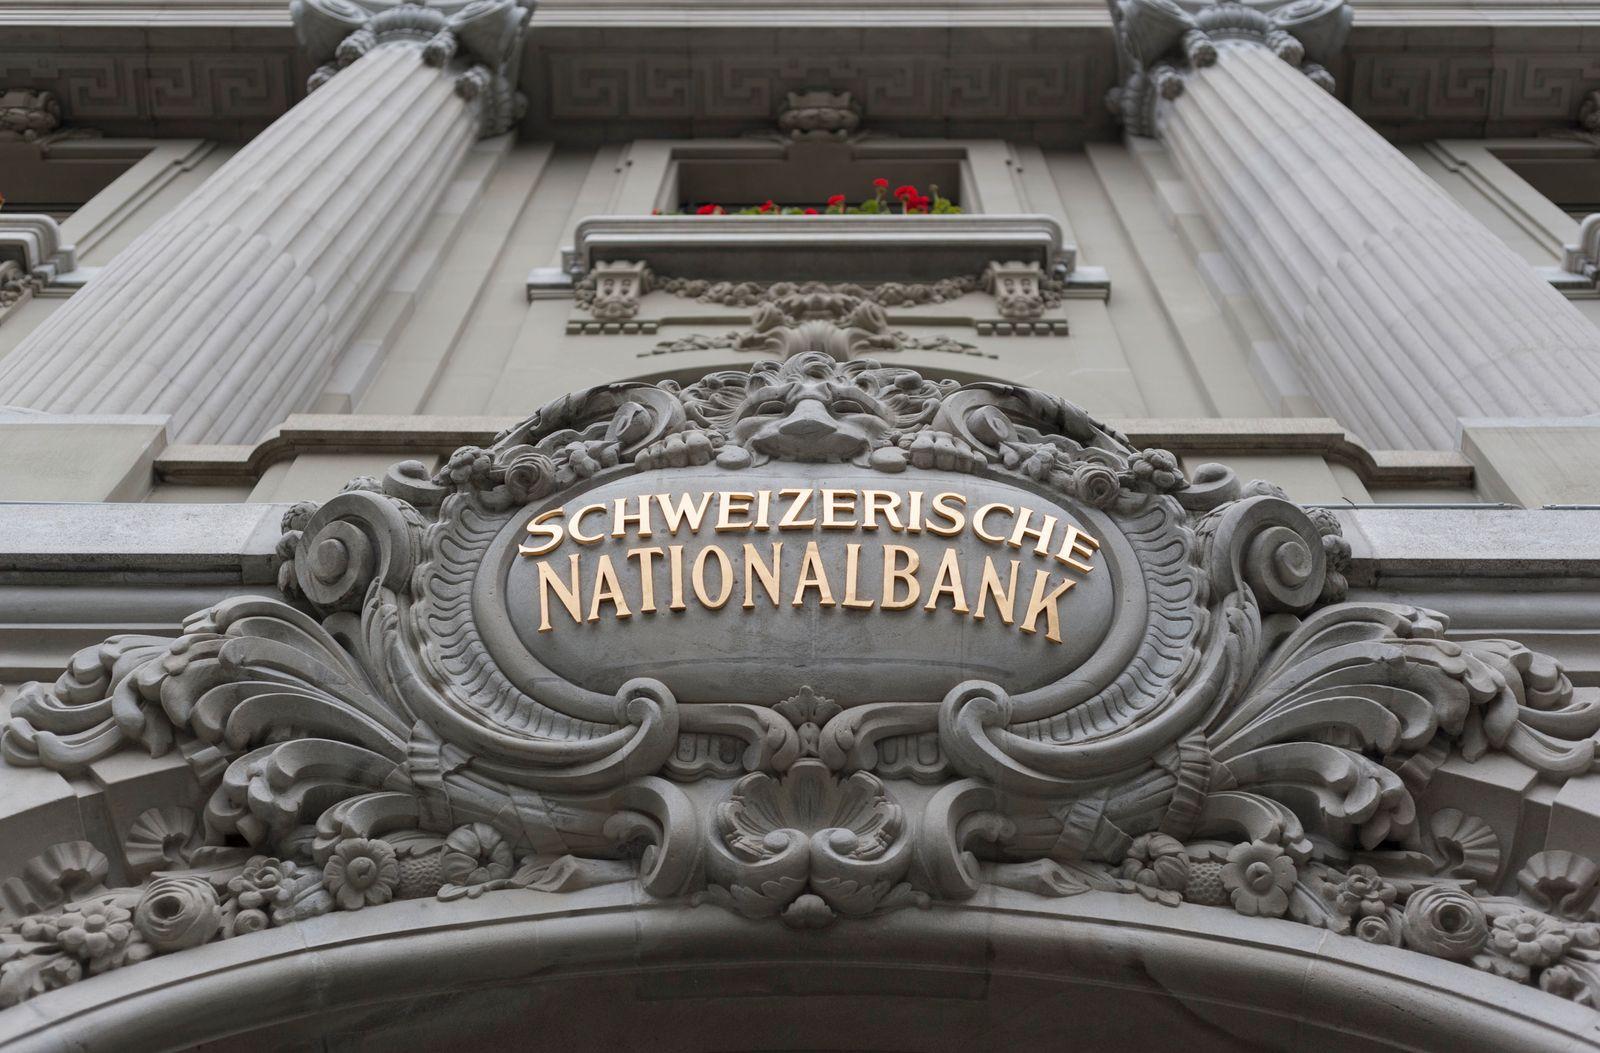 NICHT MEHR VERWENDEN! - Schweizerische Nationalbank